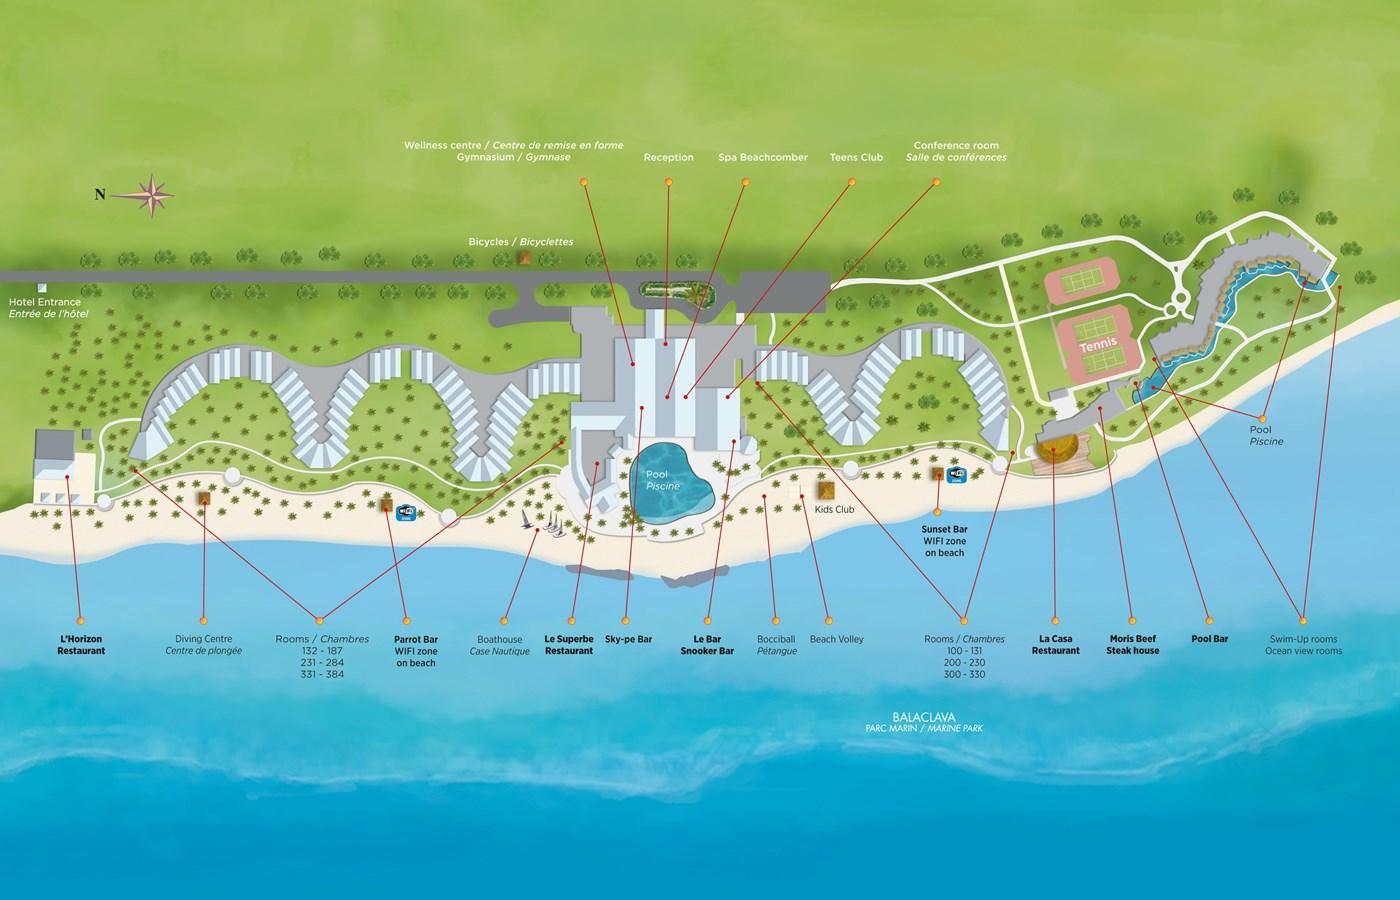 Beachcomber - Resort map | Victoria Beachcomber Resort & Spa ...